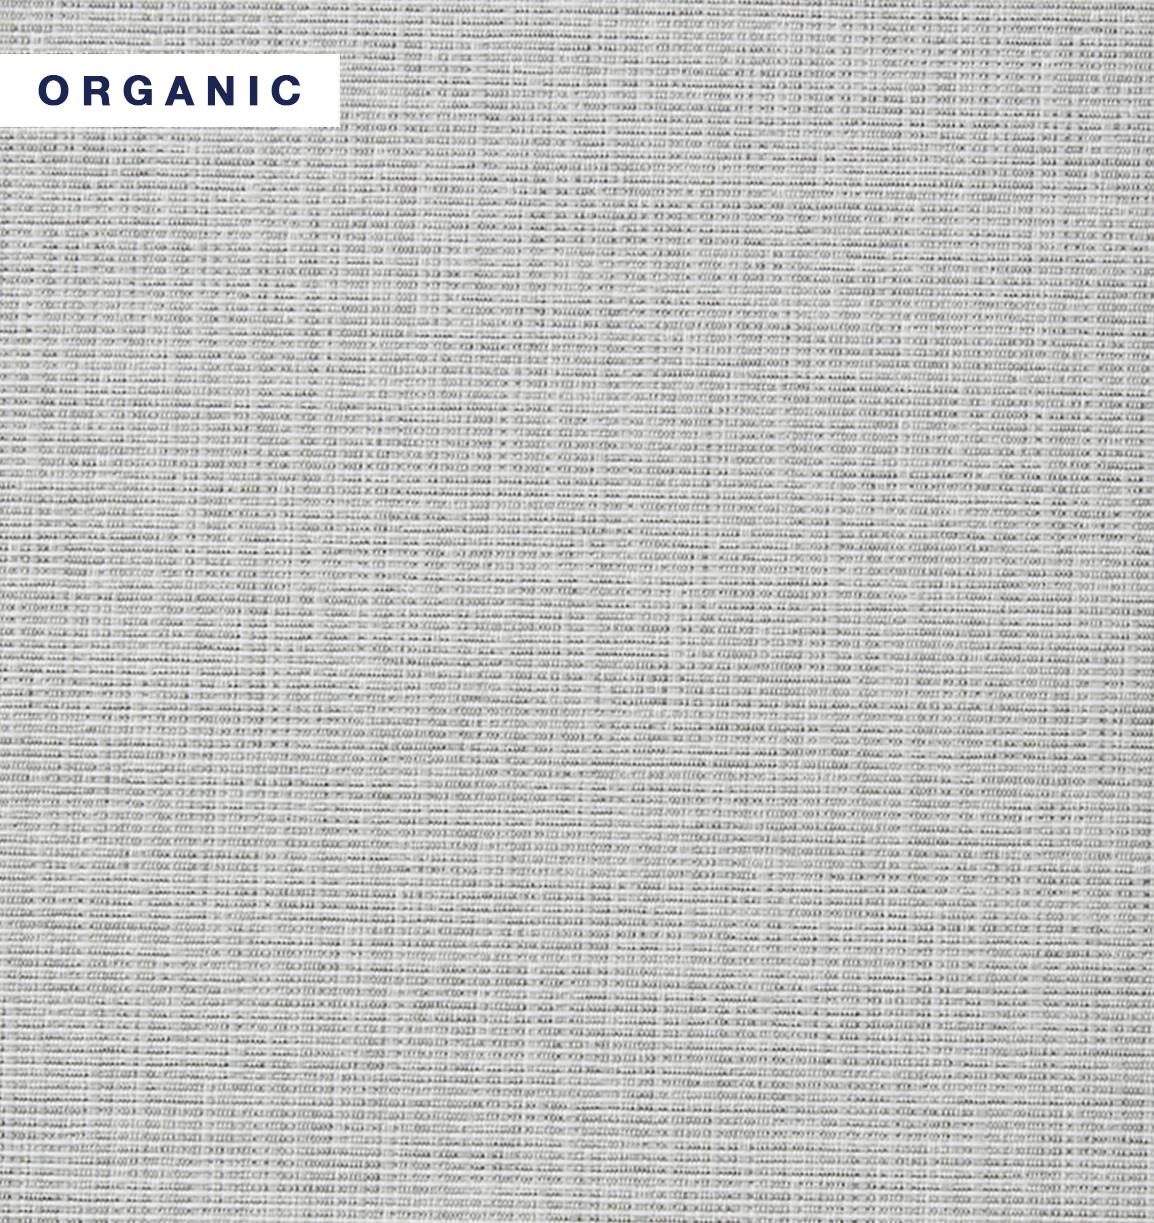 Petra - Organic.jpg